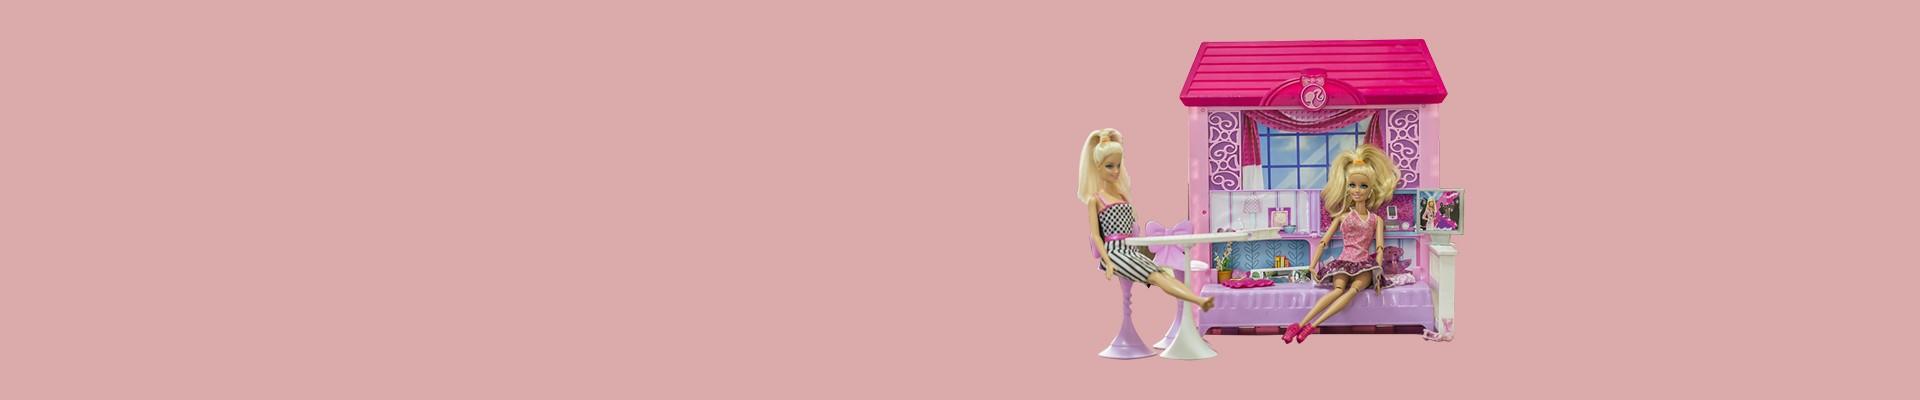 Jual Model Boneka Barbie Terbaru   Harga Terbaik  e25ba4cdad